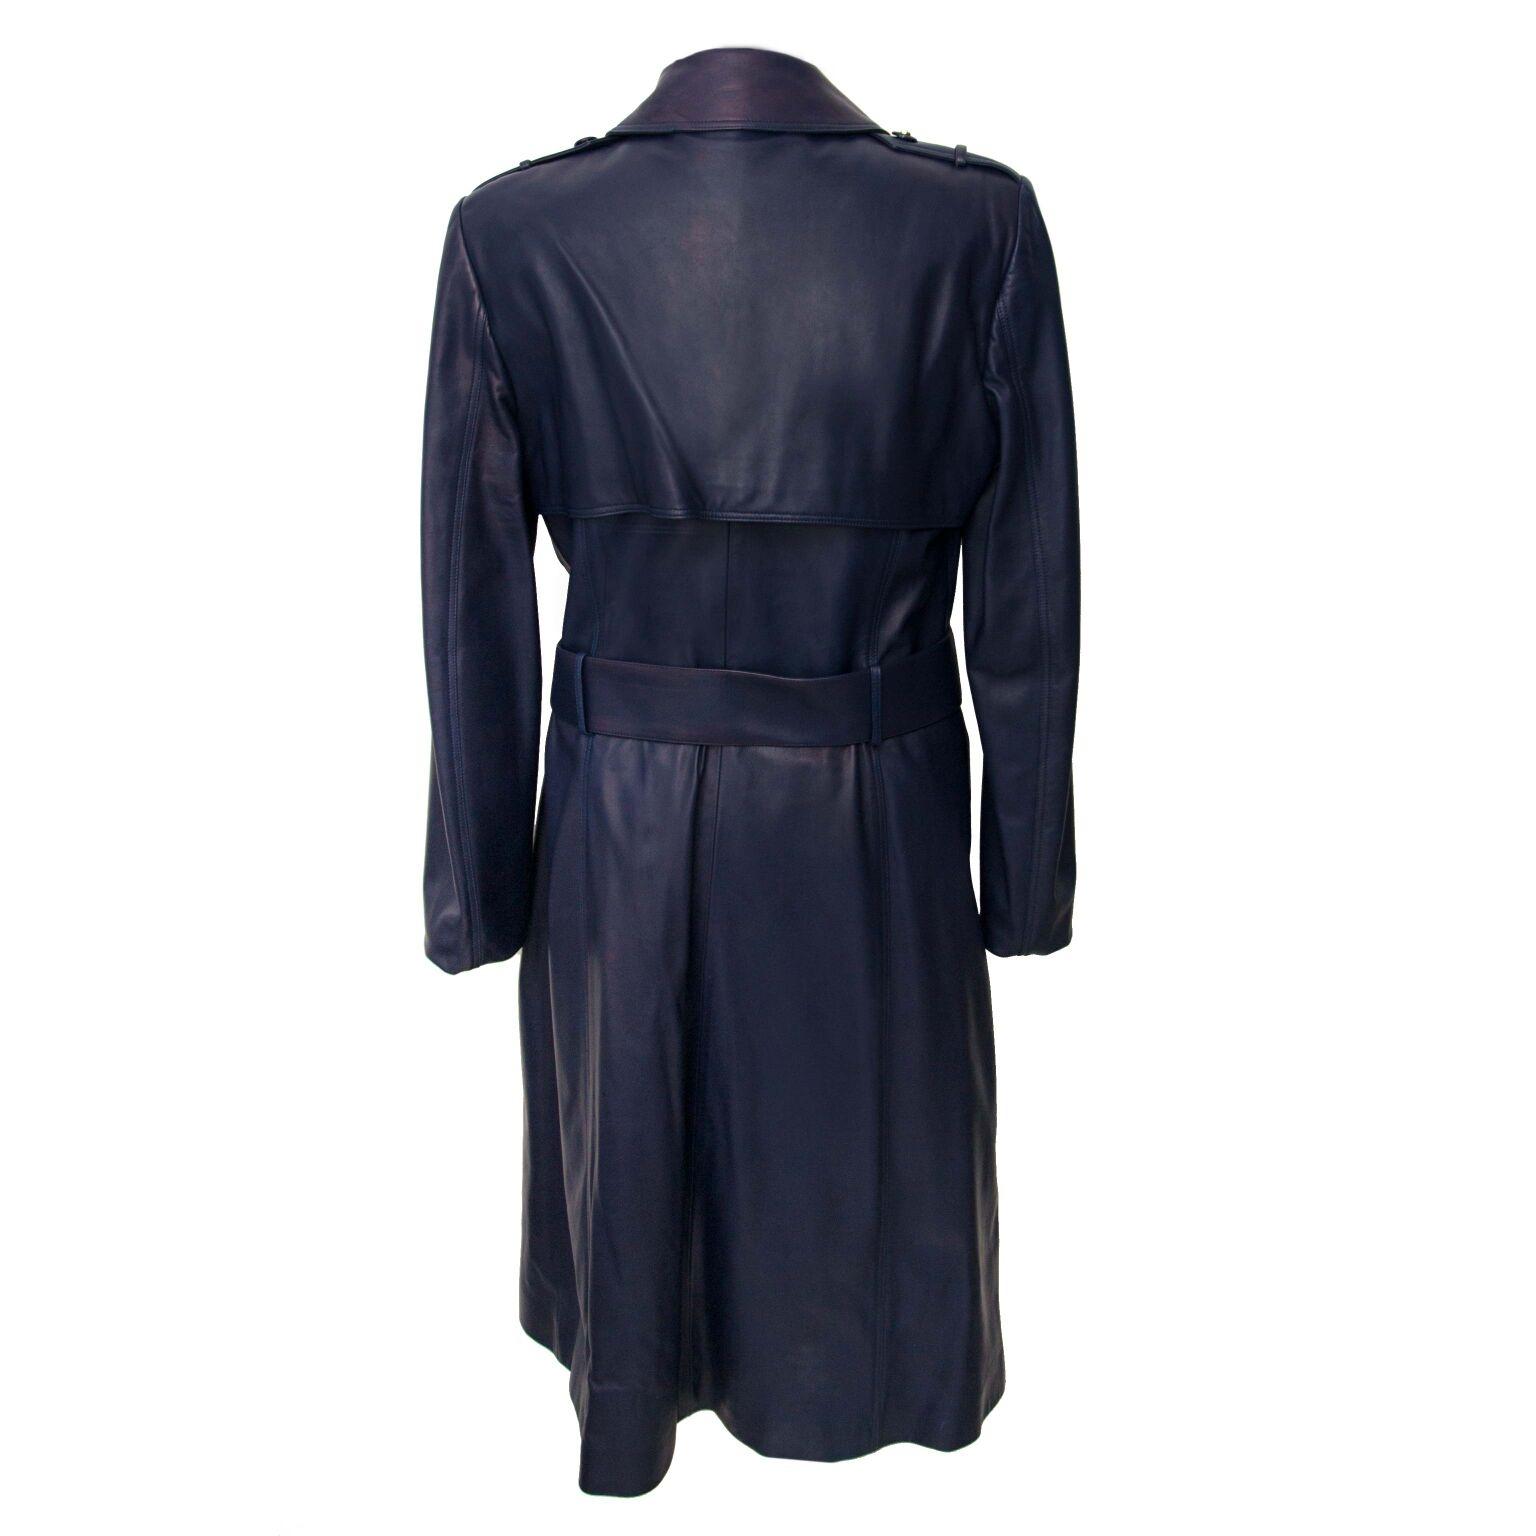 achetez en toute sécurité versace dark blue trench coats sur labellov